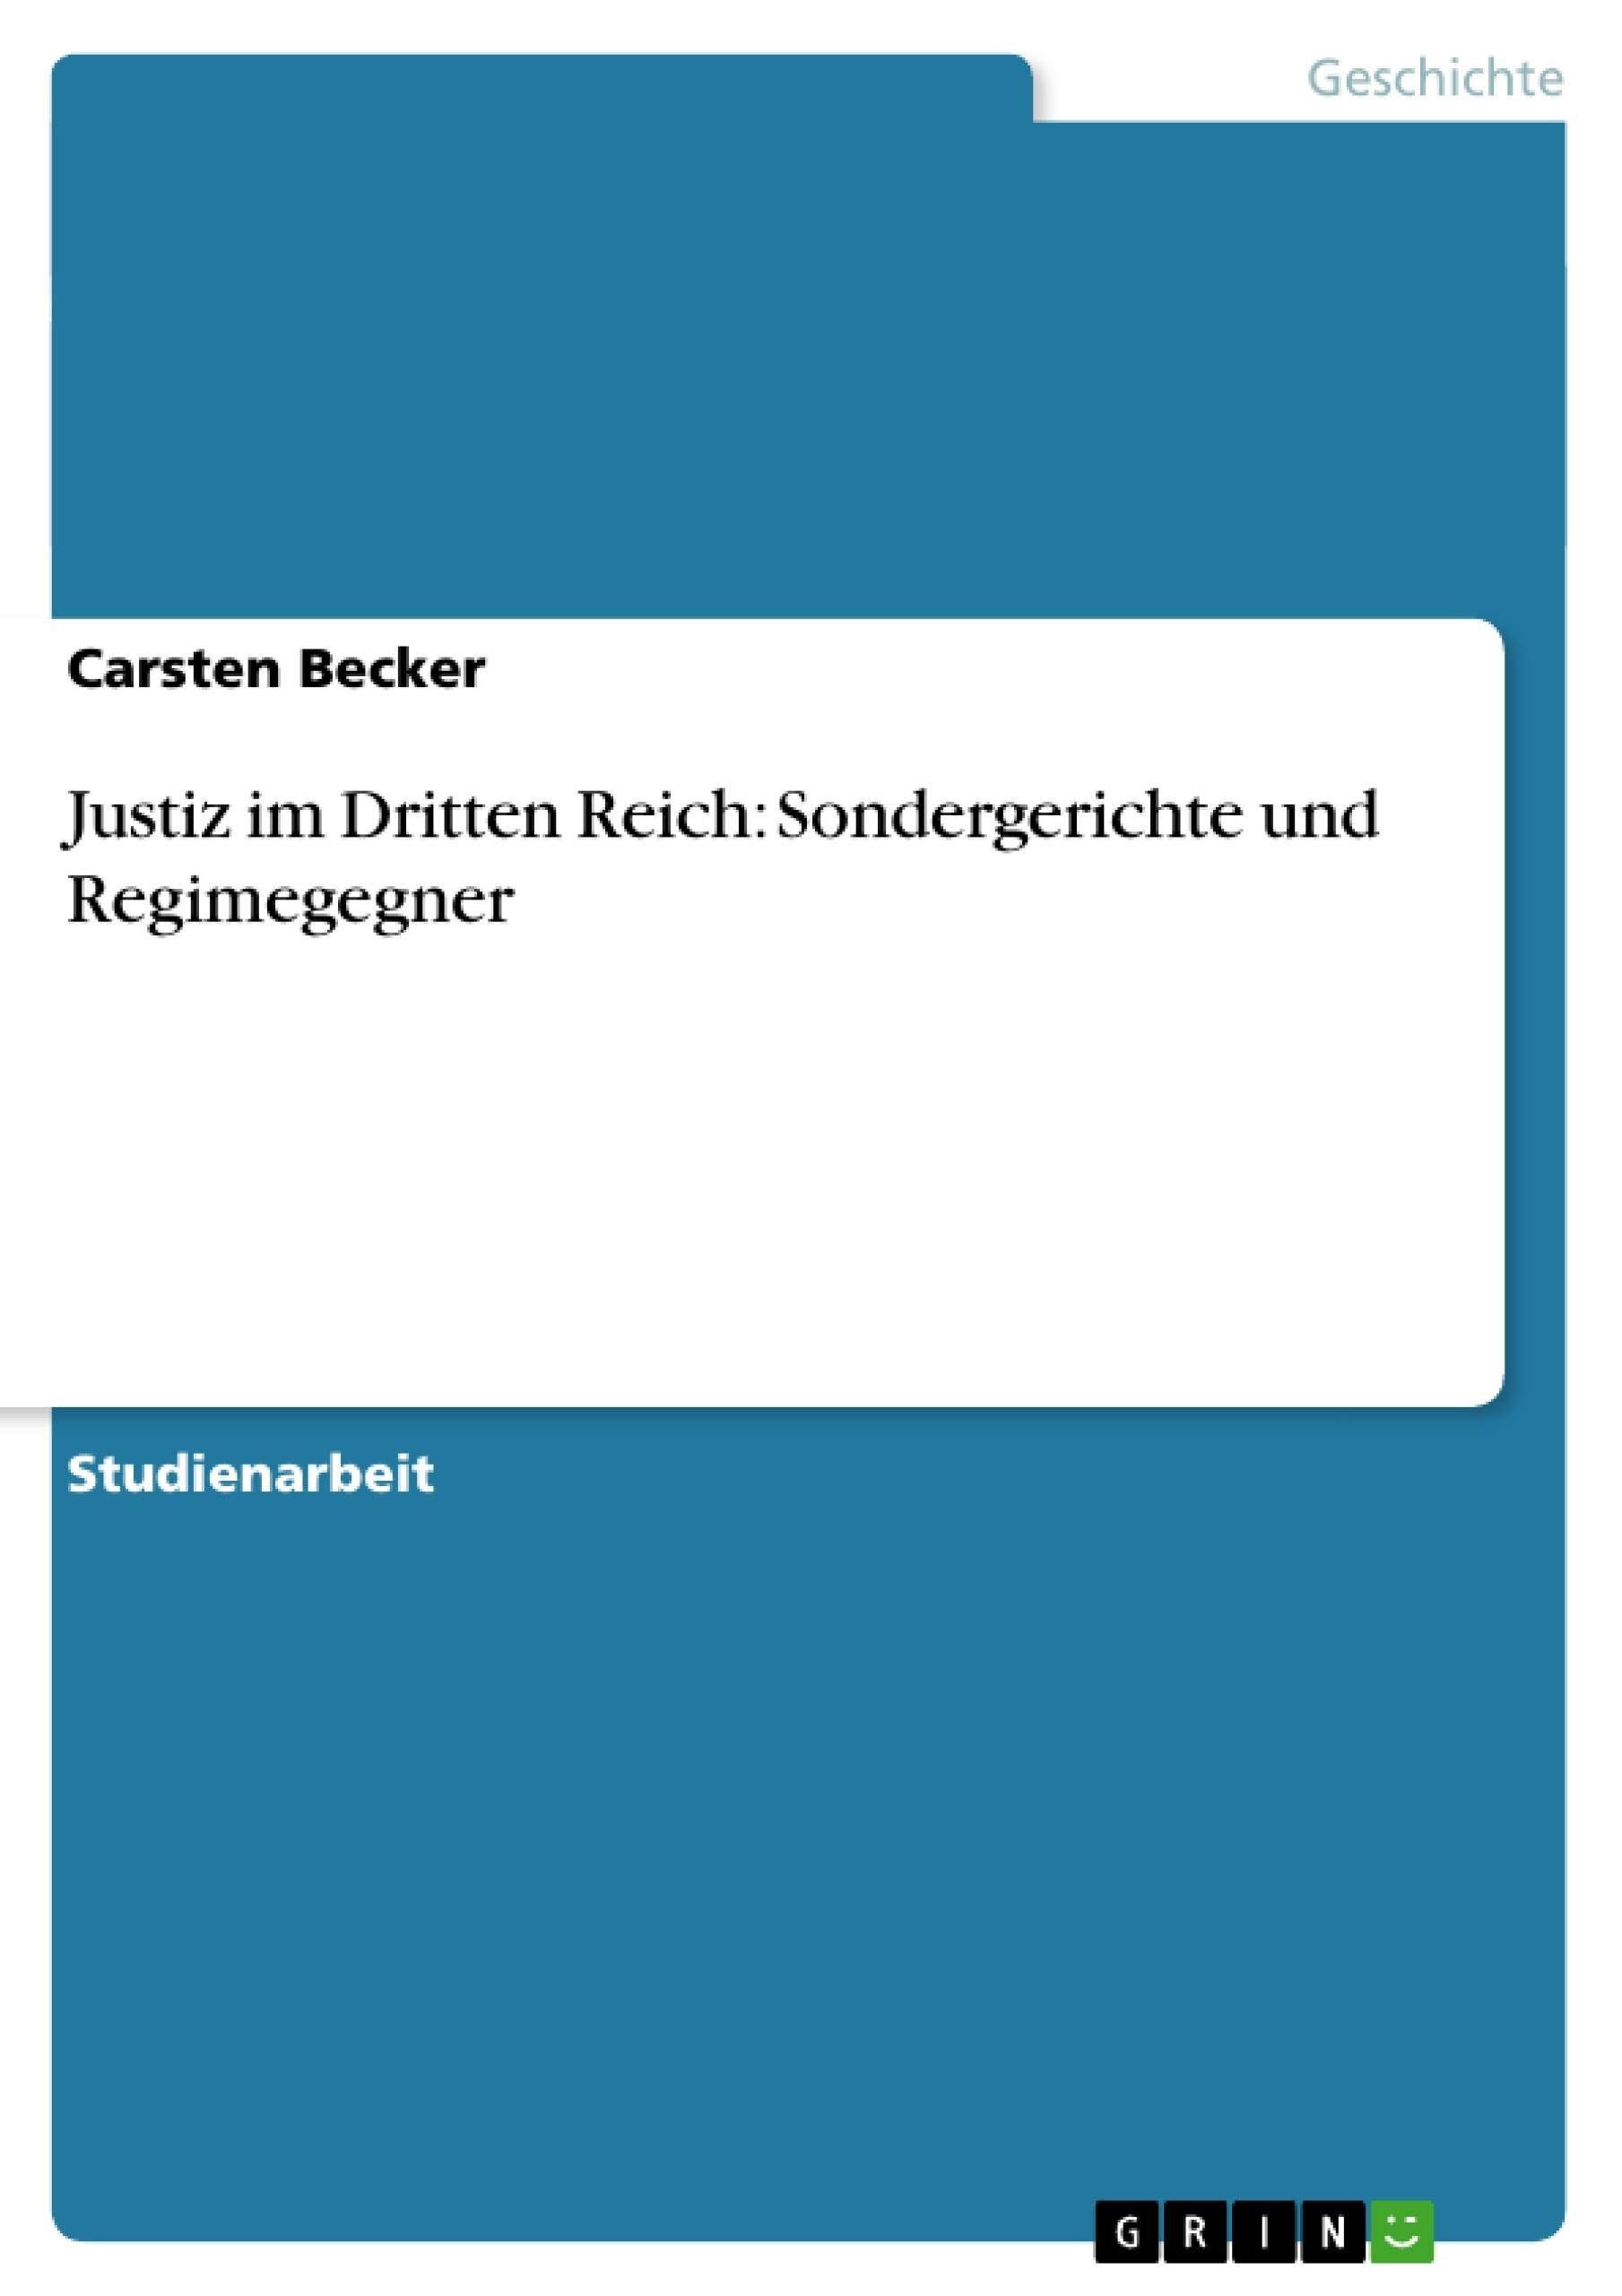 Titel: Justiz im Dritten Reich: Sondergerichte und Regimegegner